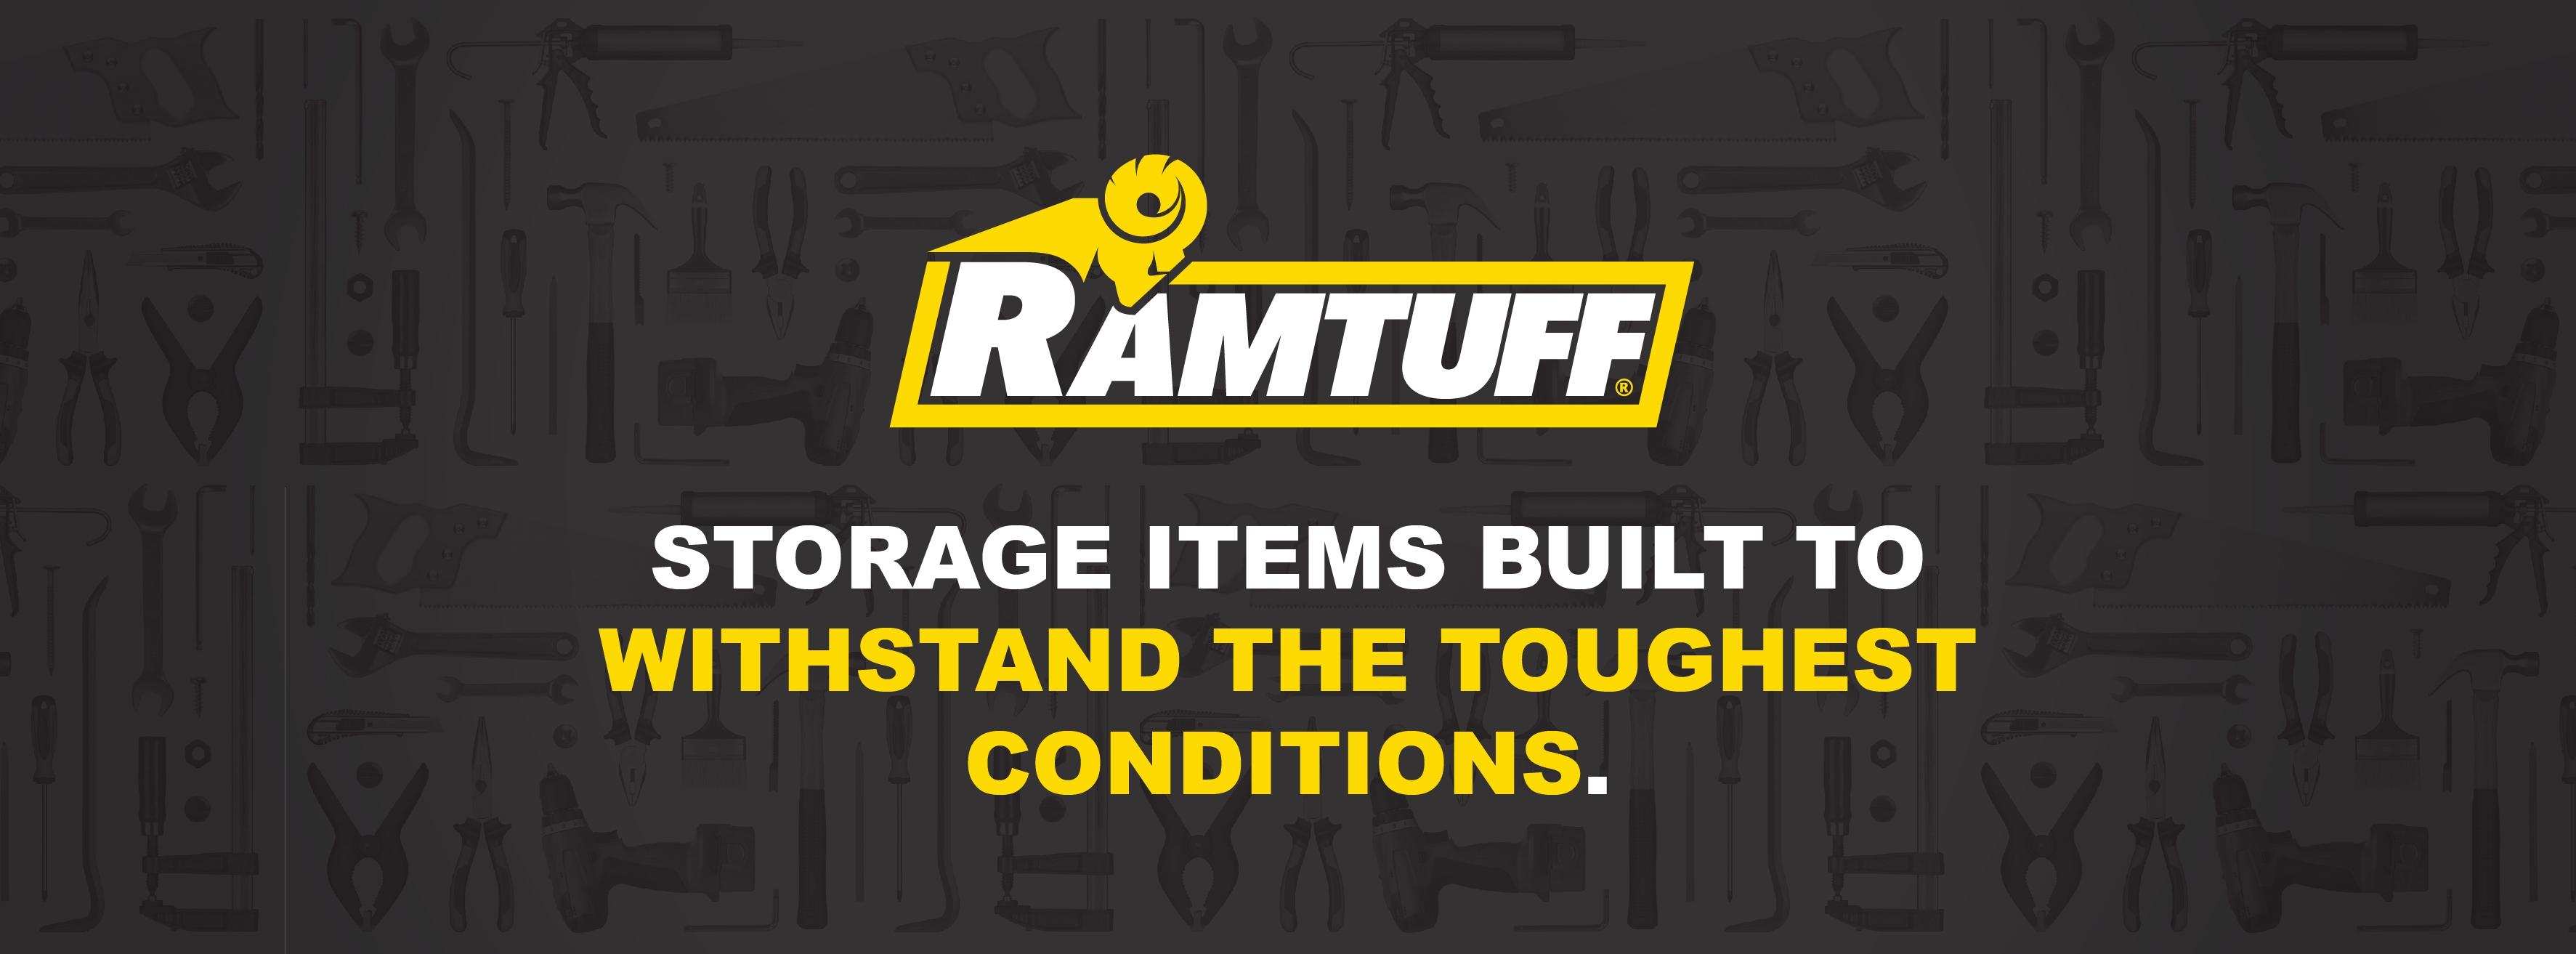 Ramtuff™